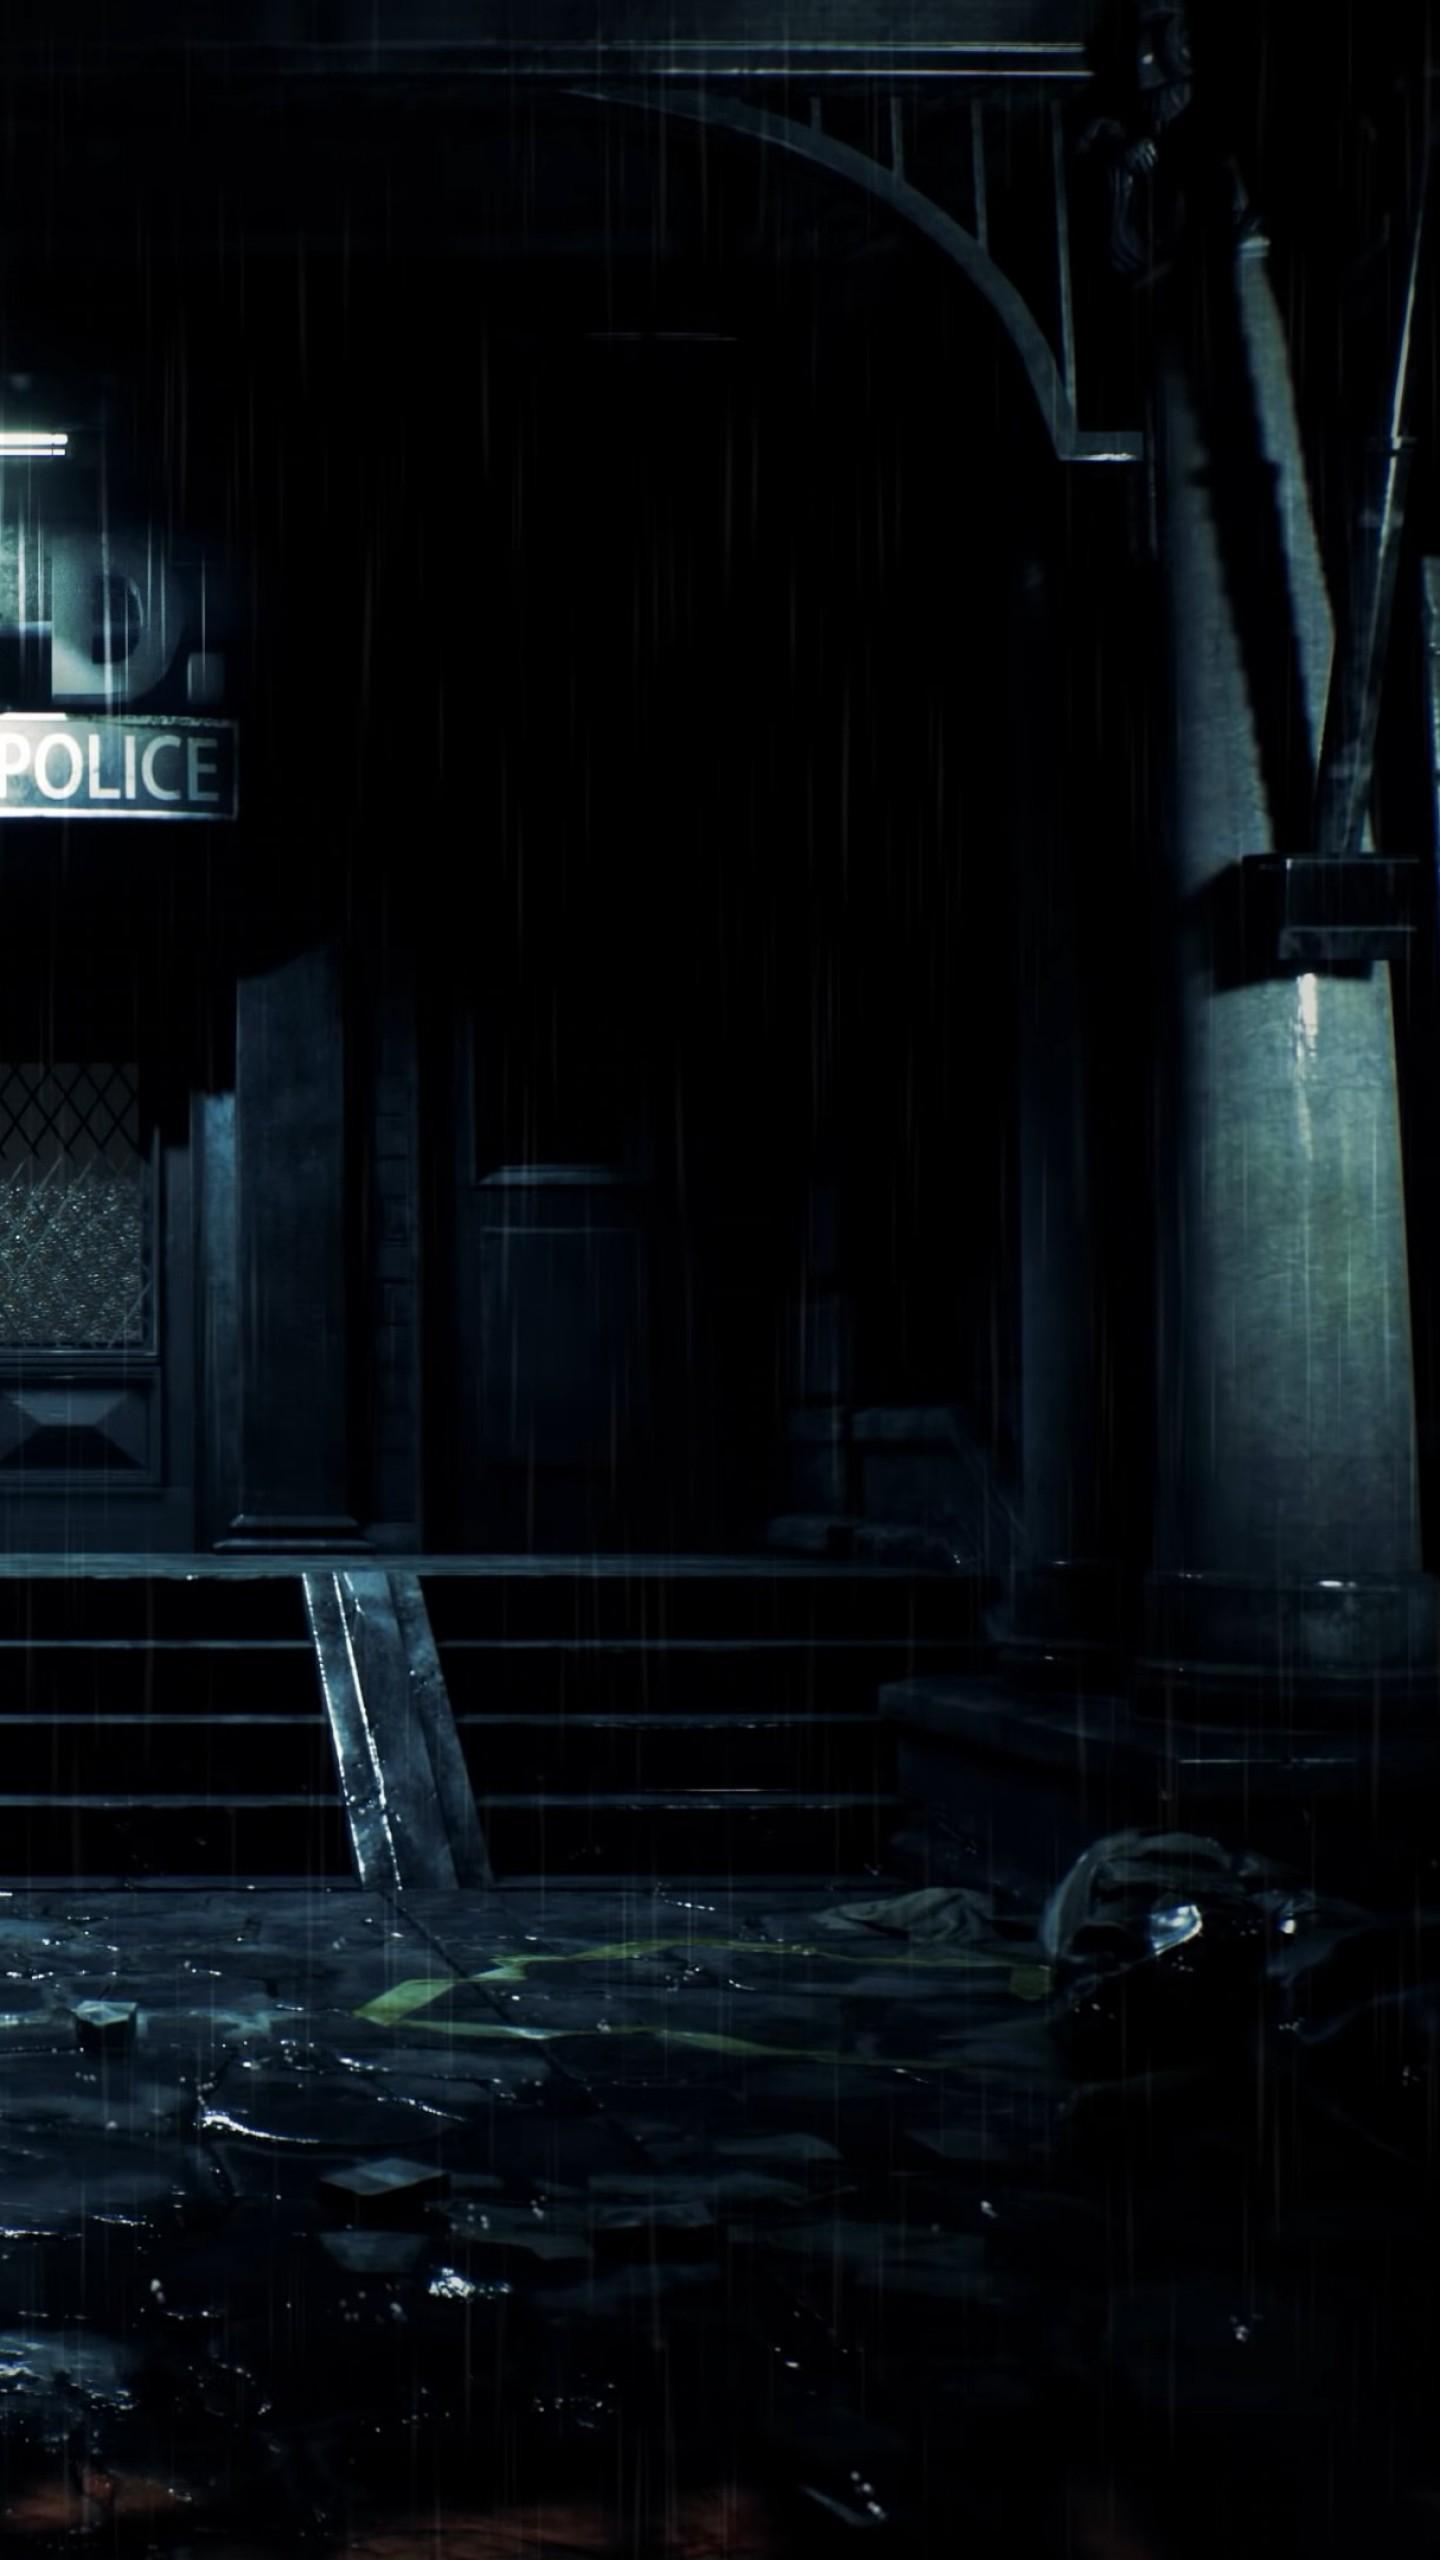 Wallpaper Resident Evil 2, E3 2018, screenshot, 4K, Games #19123